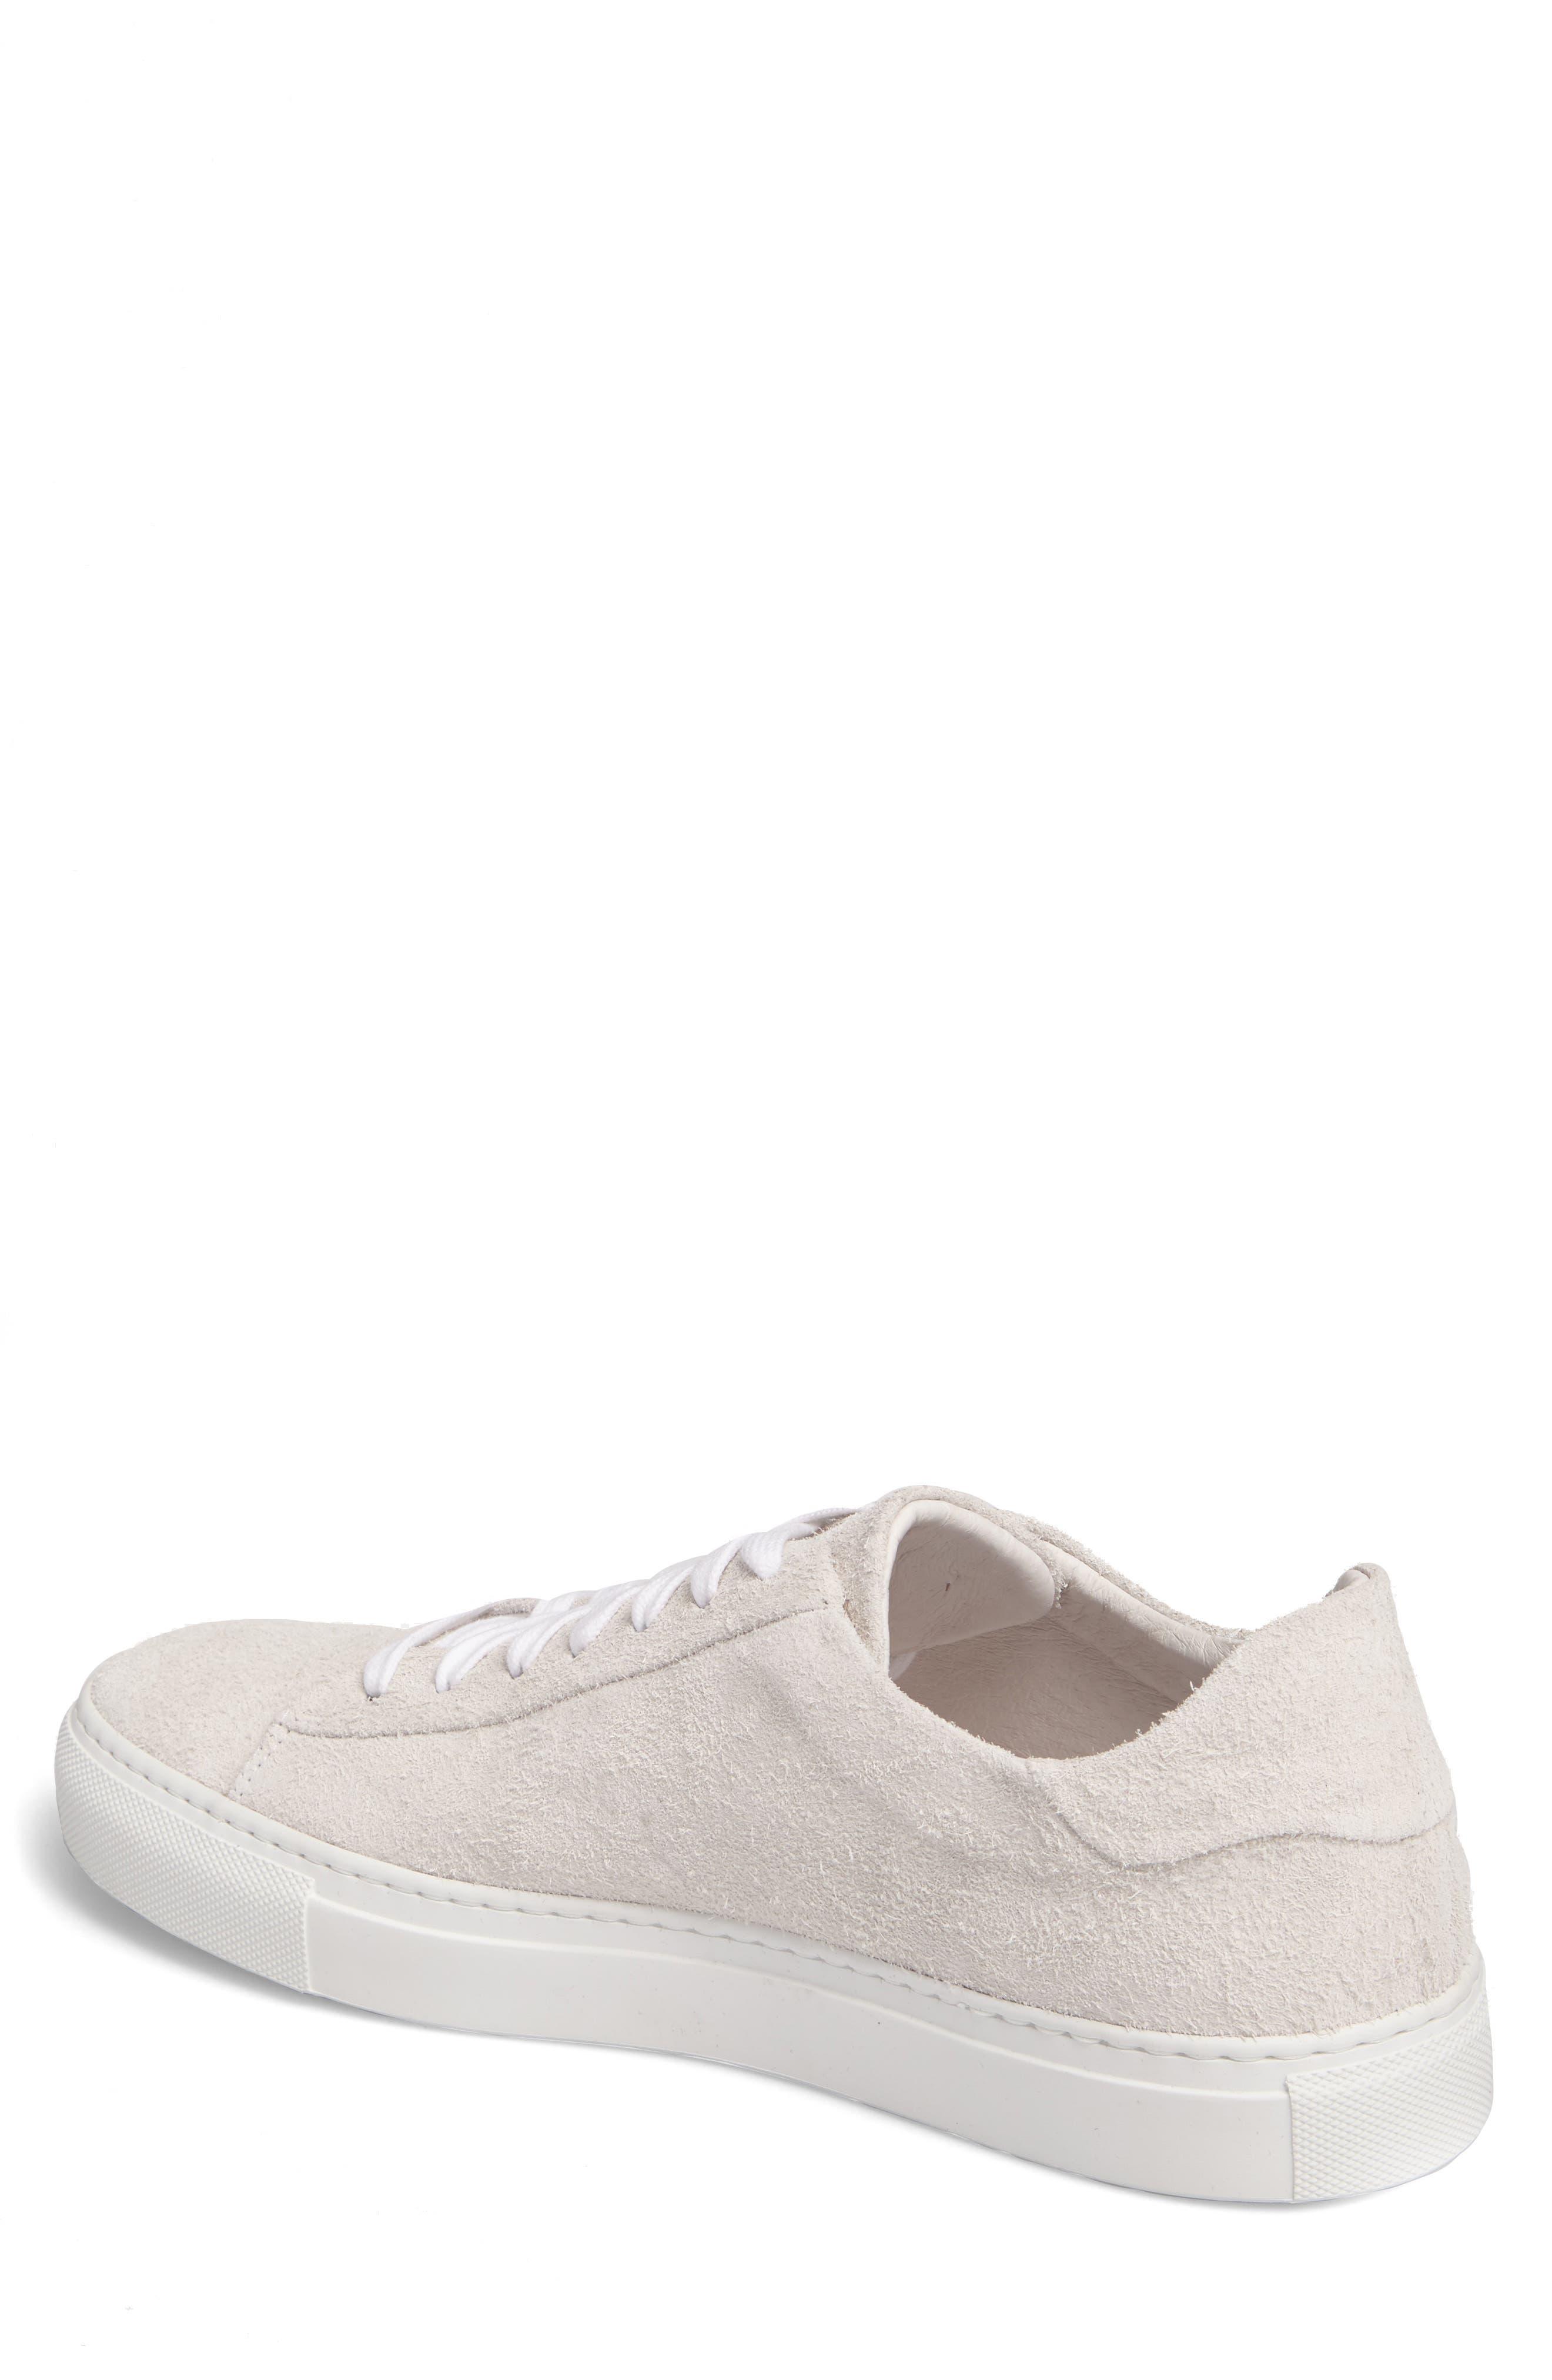 Court Sneaker,                             Alternate thumbnail 2, color,                             113